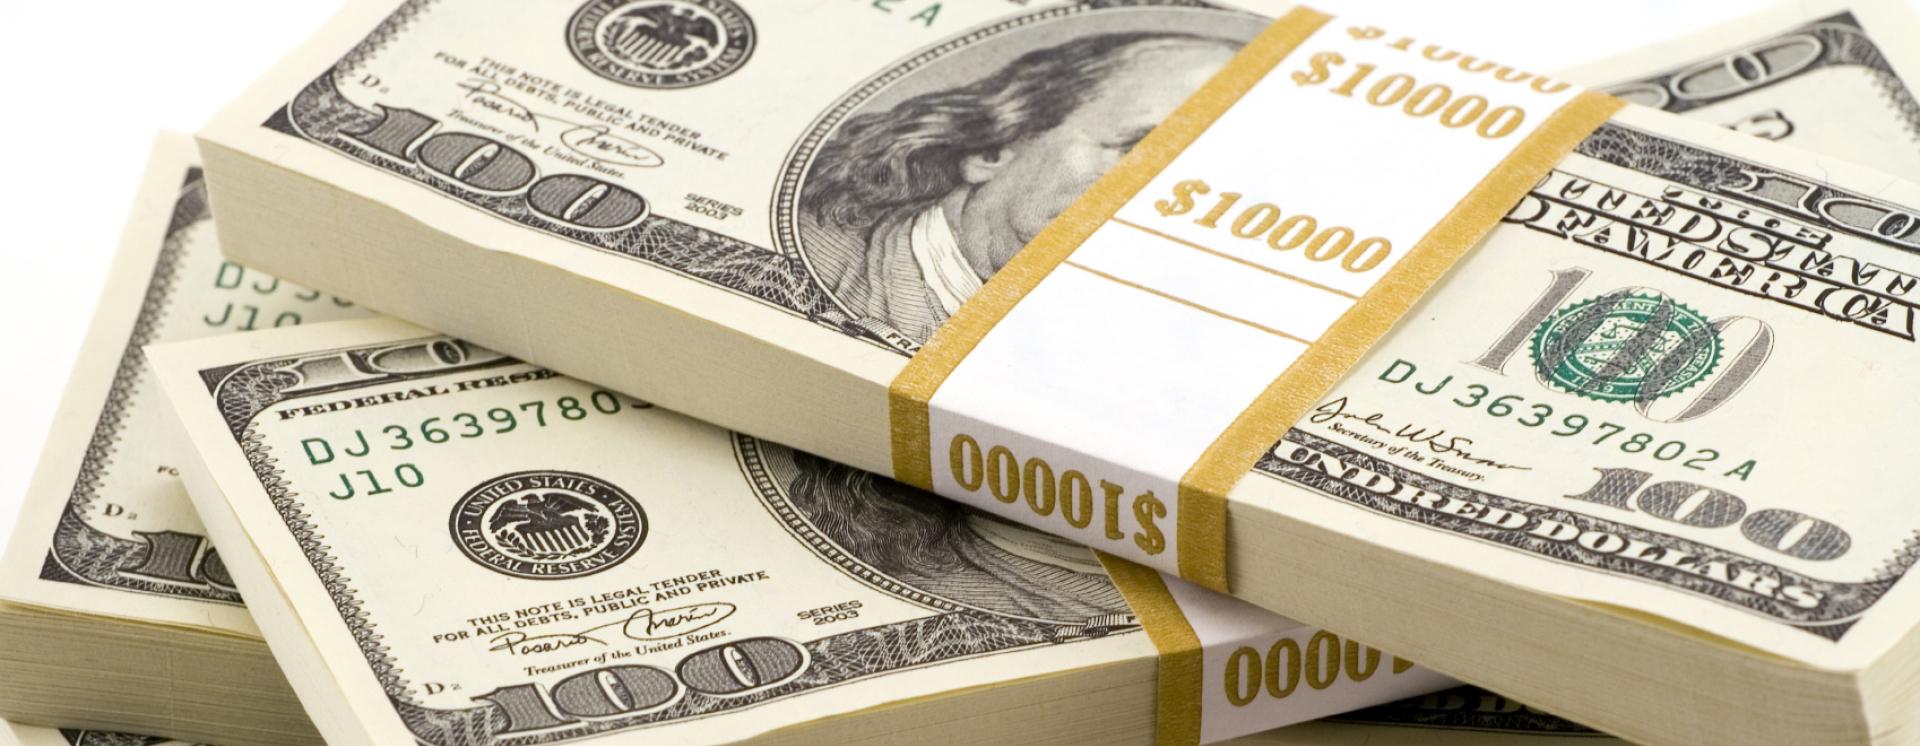 4240695 money copy